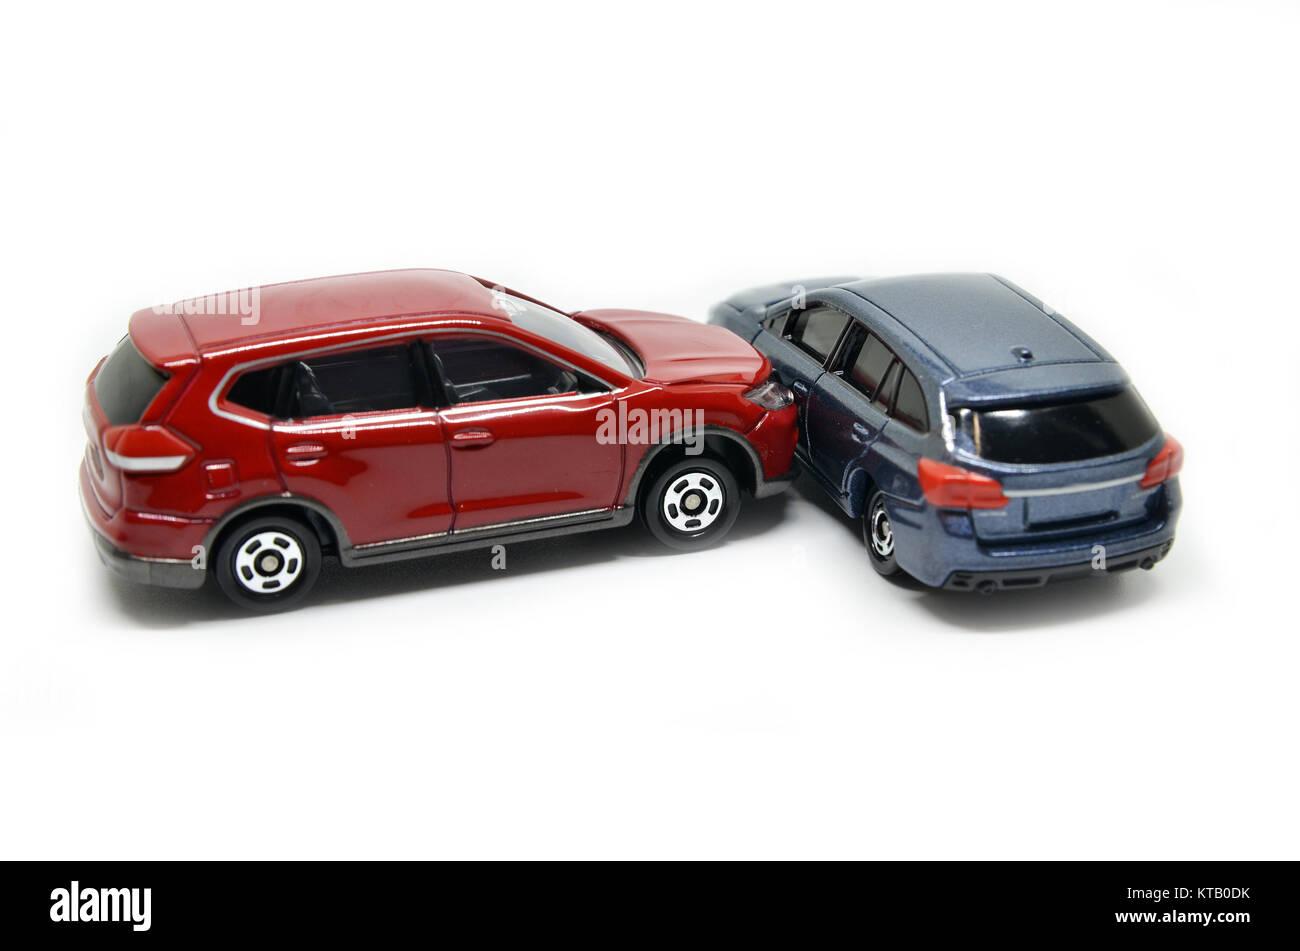 Famous Car Accident Simulation Online Frieze - Wiring Diagram Ideas ...